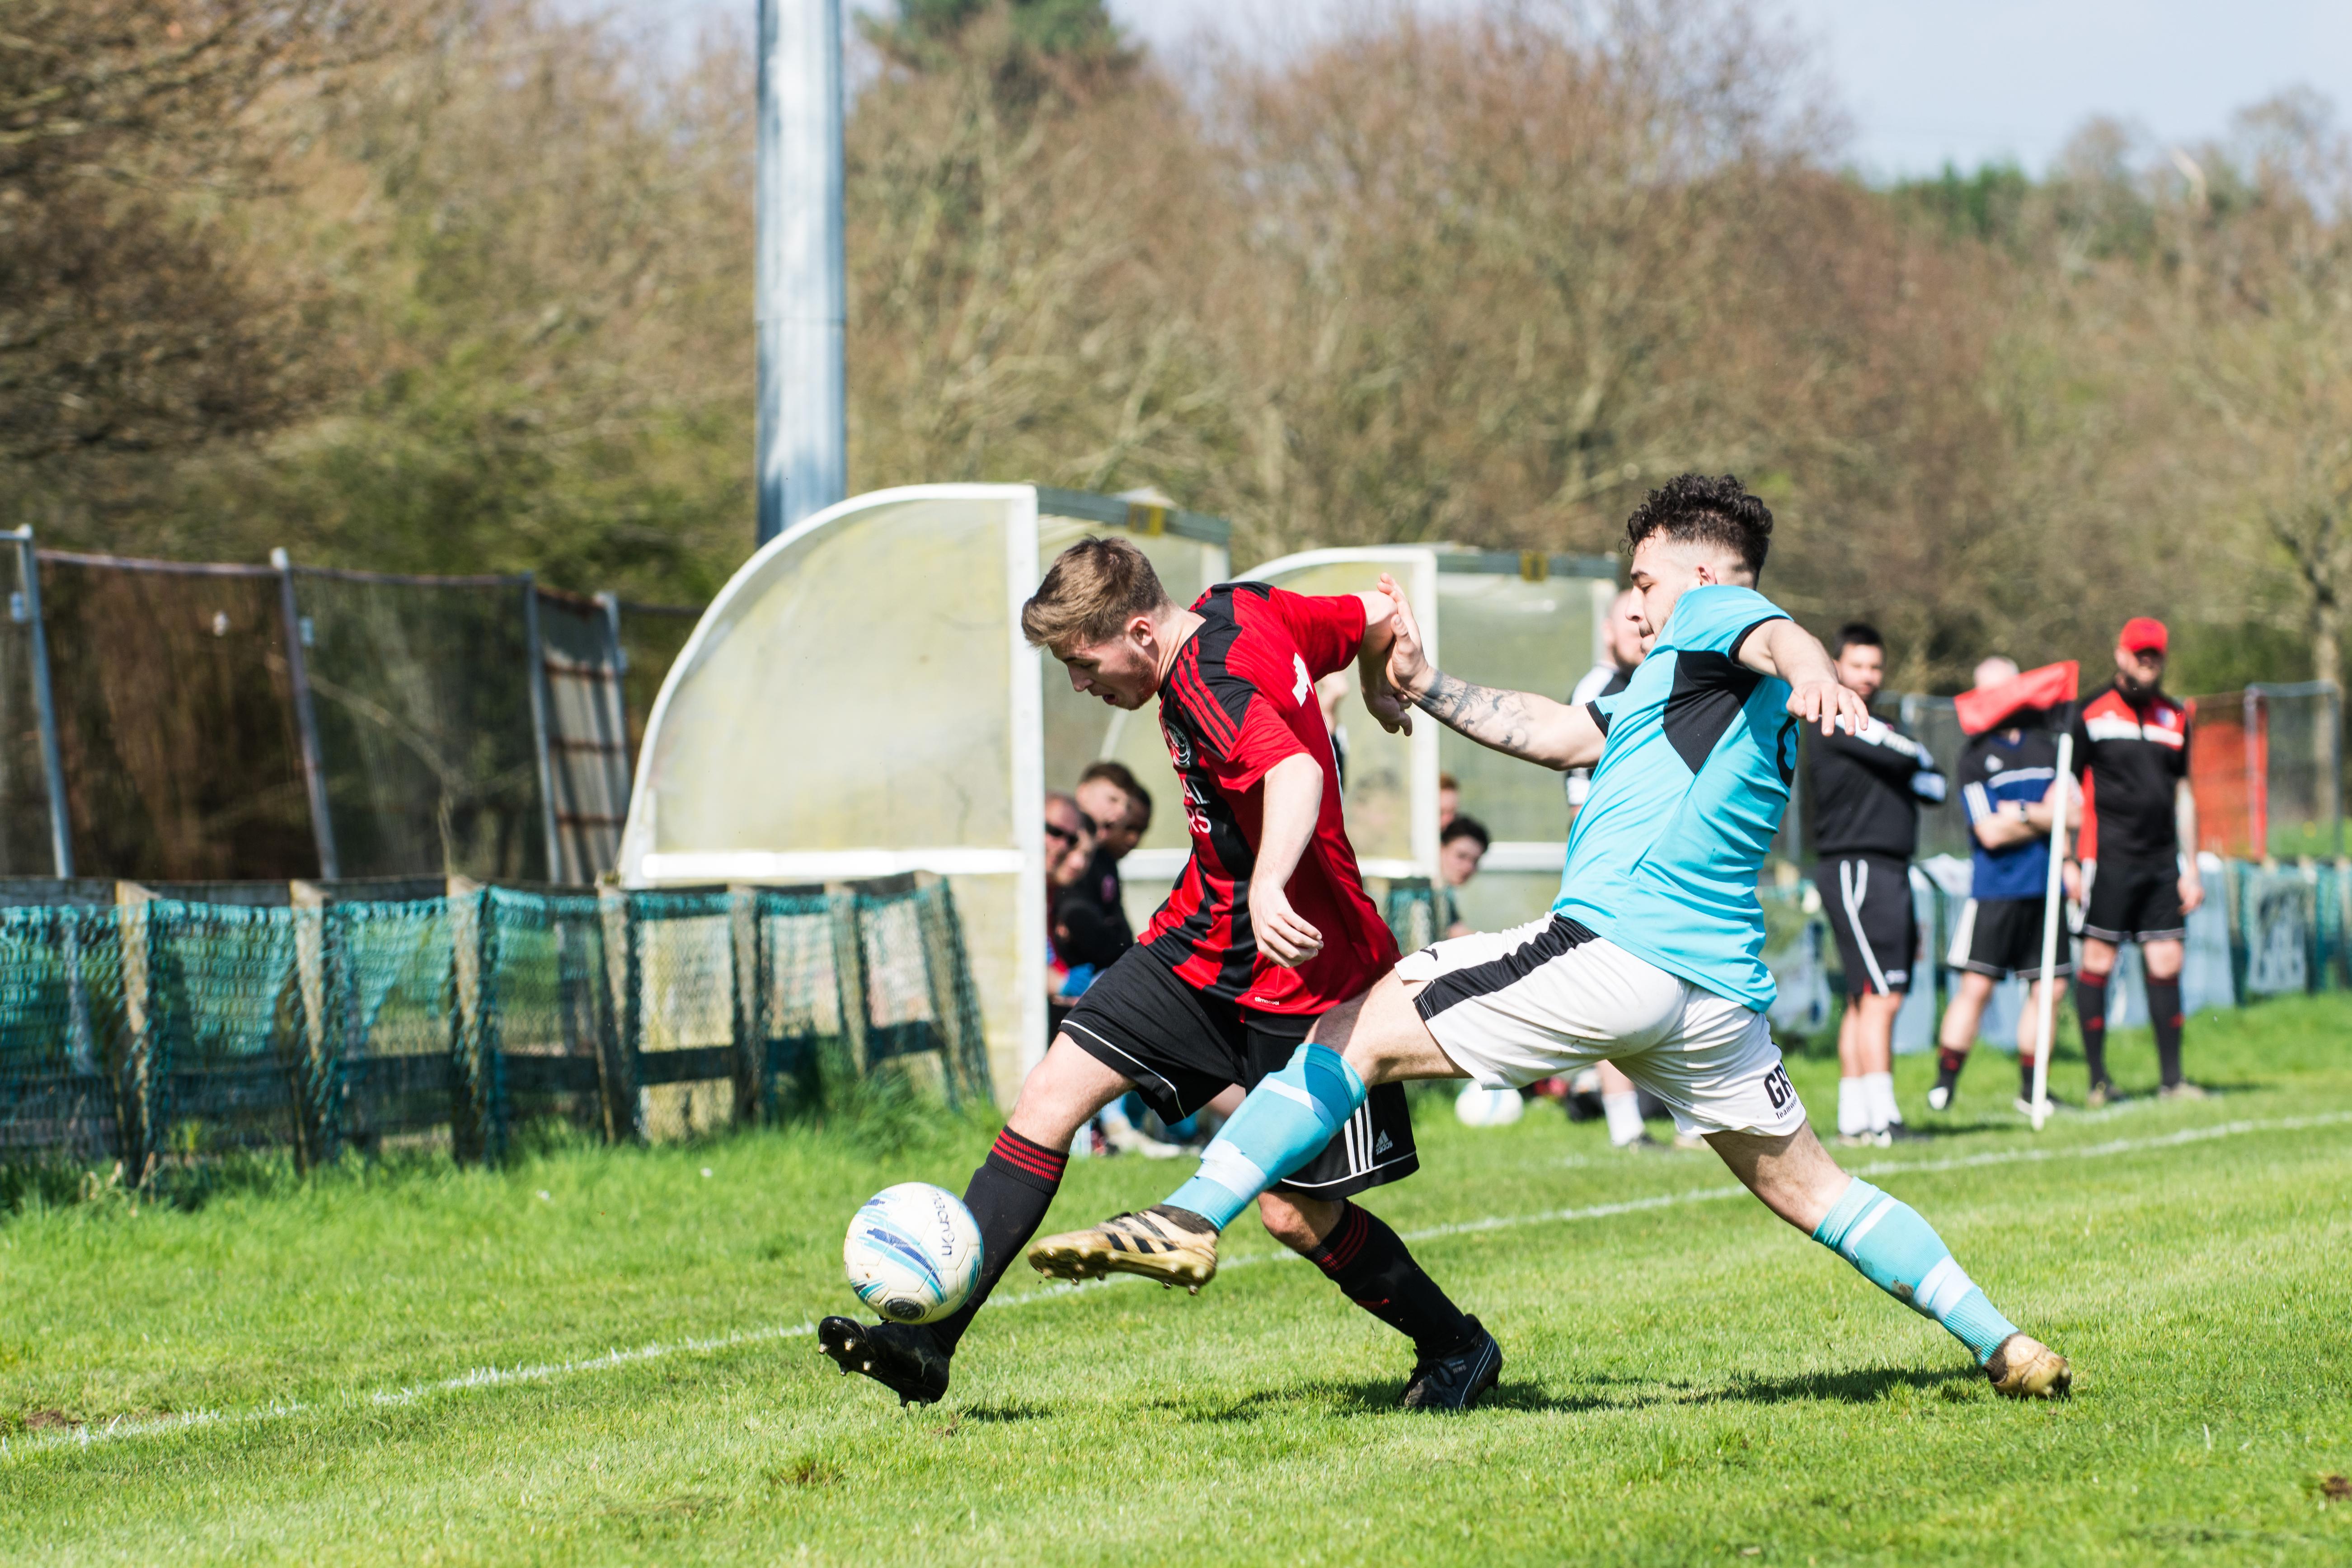 DAVID_JEFFERY Billingshurst FC vs AFC Varndeanians 14.04.18 54